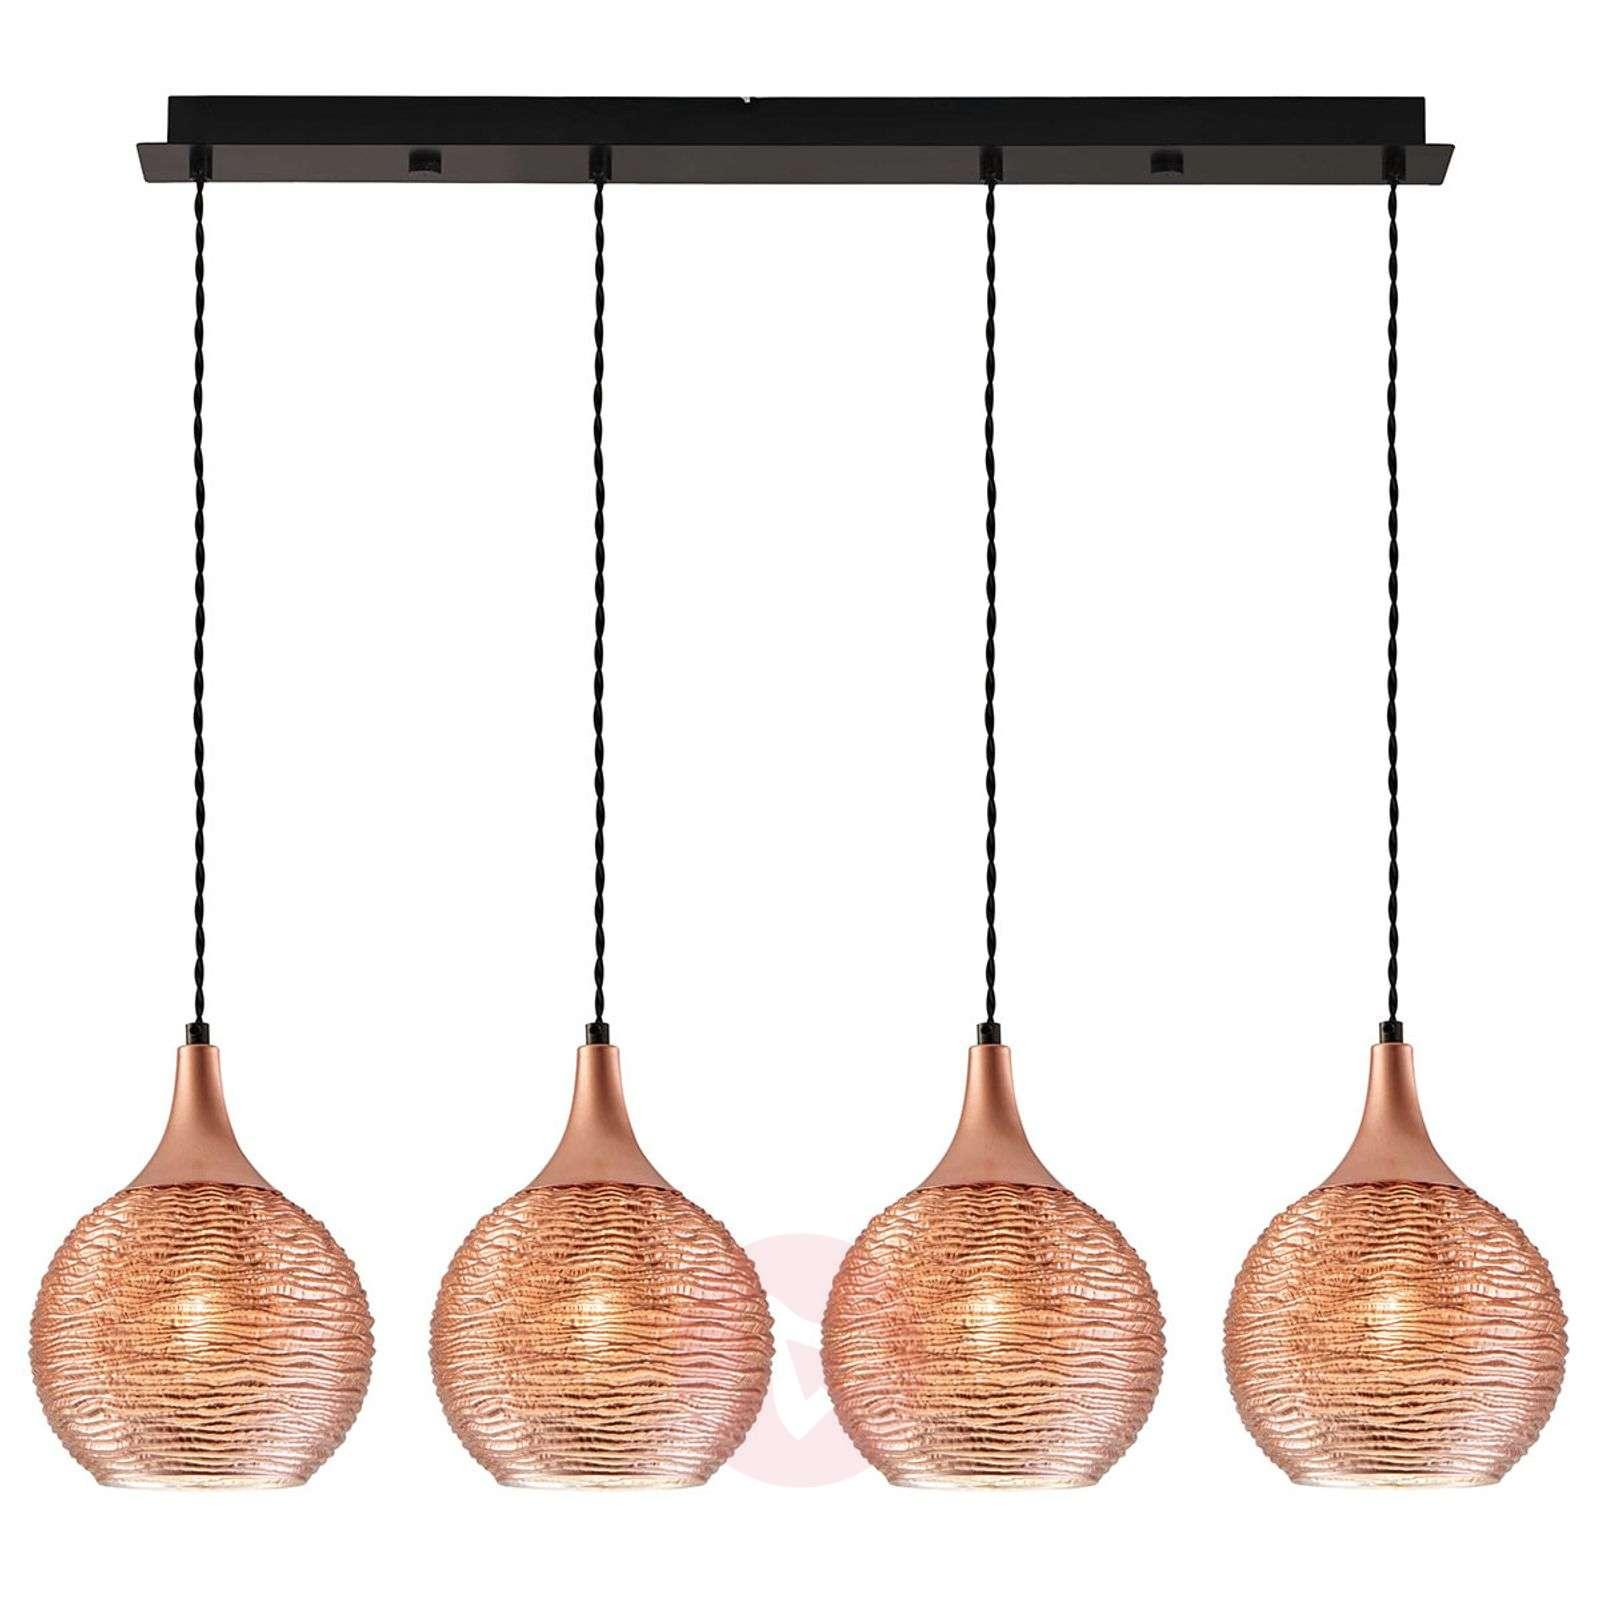 Fiona linear pendant light in copper, 4-bulb-9514300-01